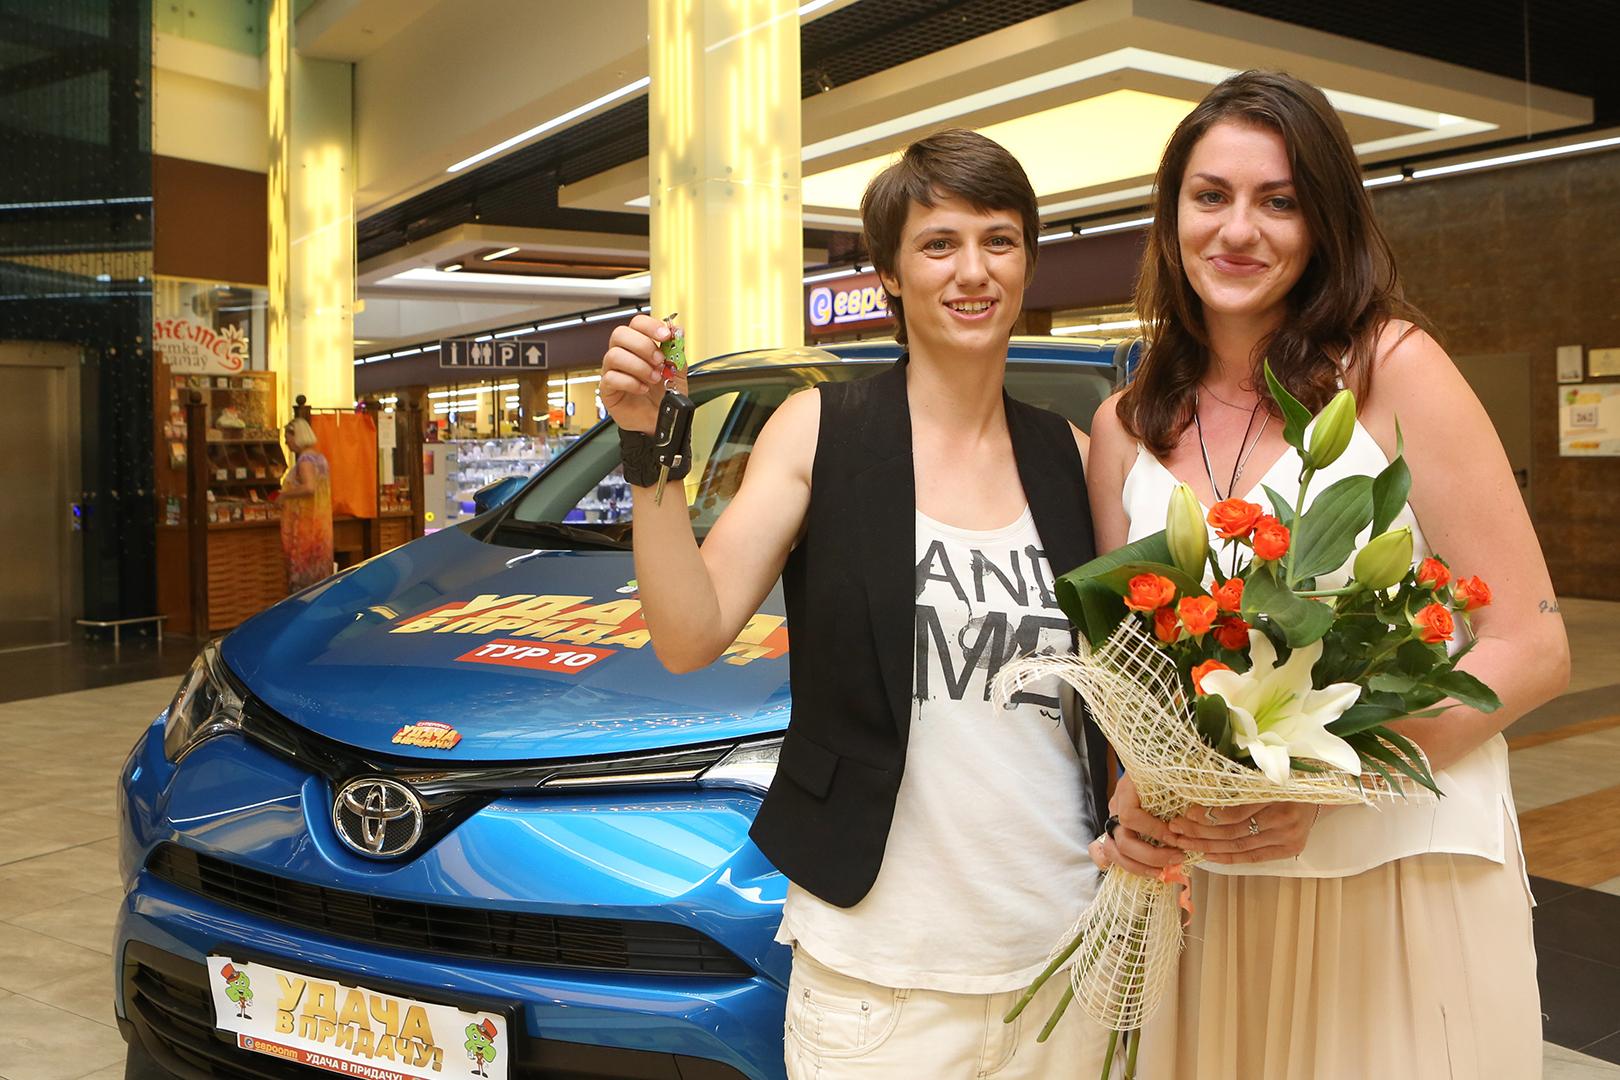 Анастасия Перковская и Миа Циолковская планируют выиграть еще один автомобиль.